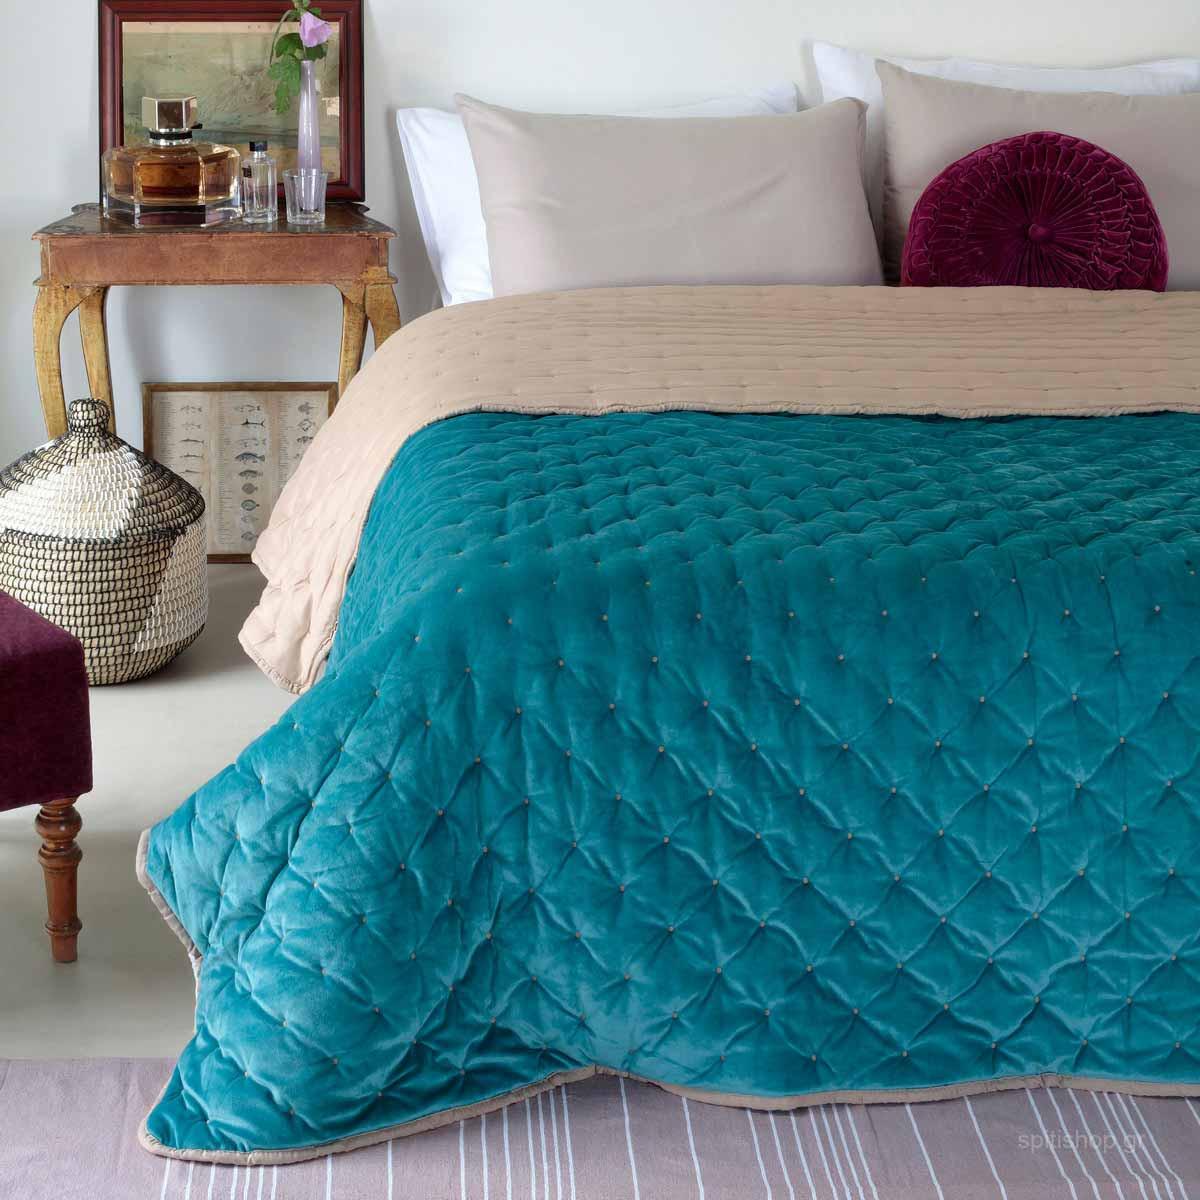 Κουβερτοπάπλωμα Μονό Melinen Lush Teal home   κρεβατοκάμαρα   παπλώματα   κουβερτοπαπλώματα